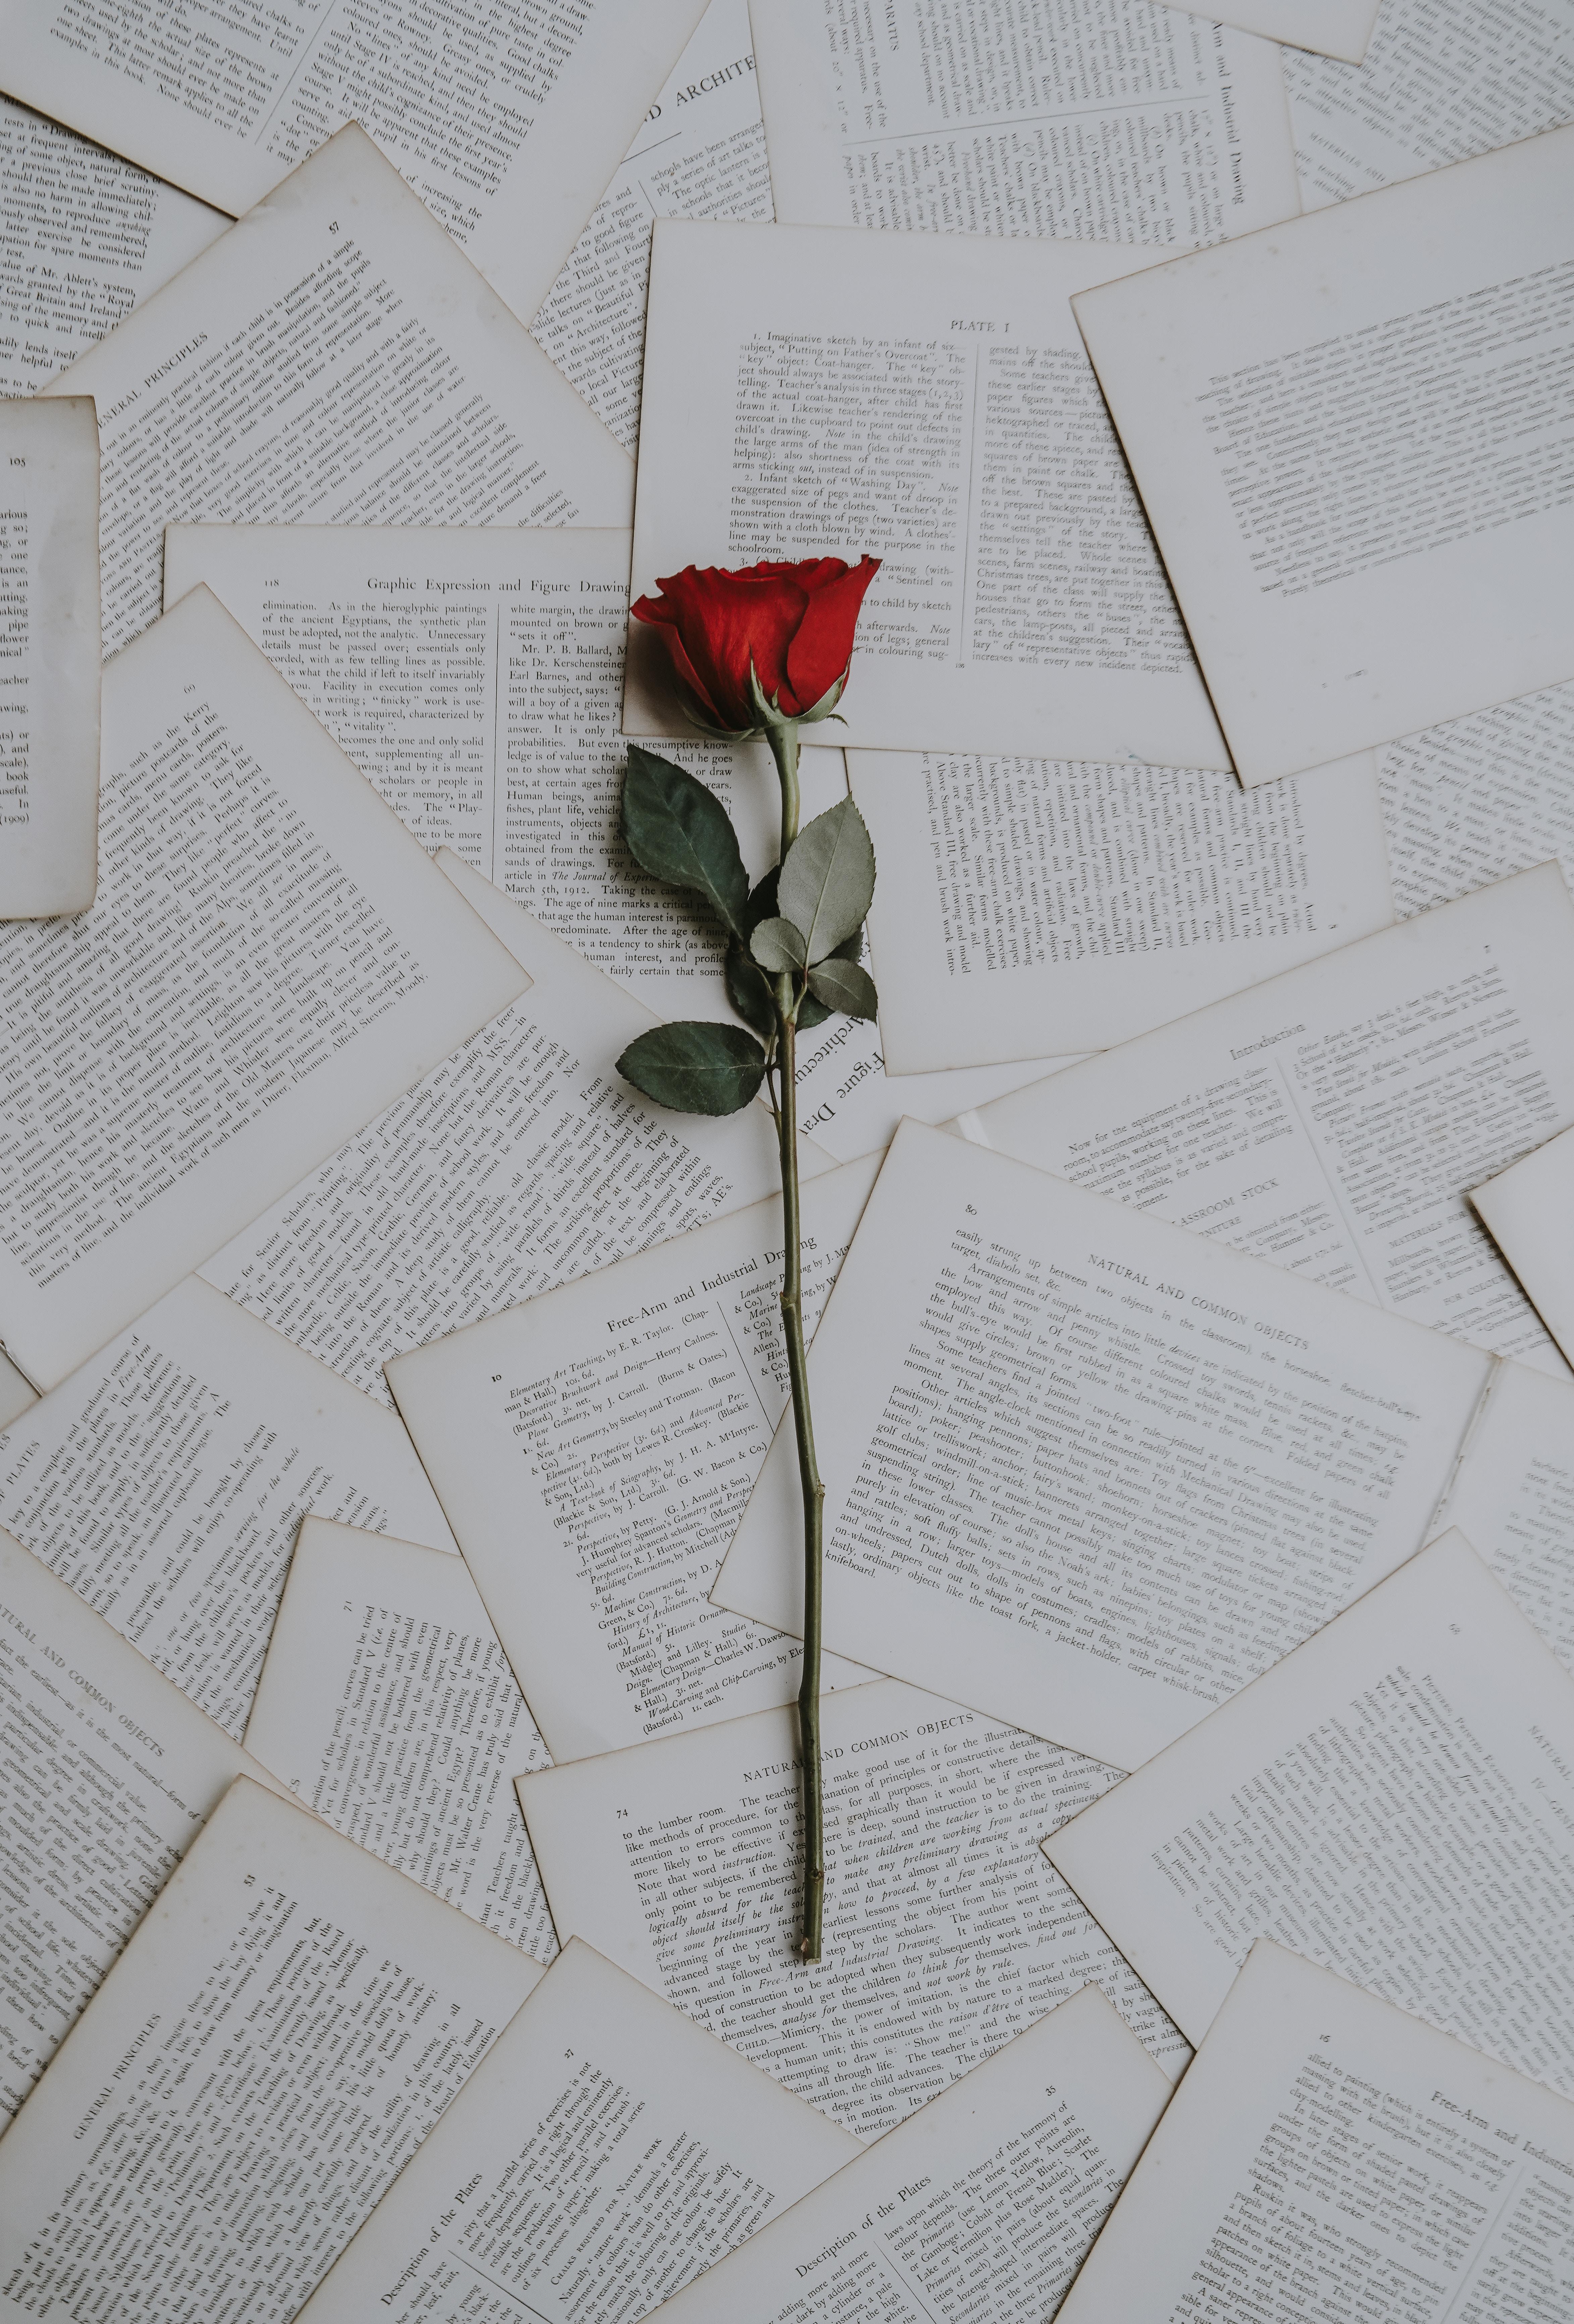 76569 скачать обои Цветы, Роза, Книги, Тексты - заставки и картинки бесплатно